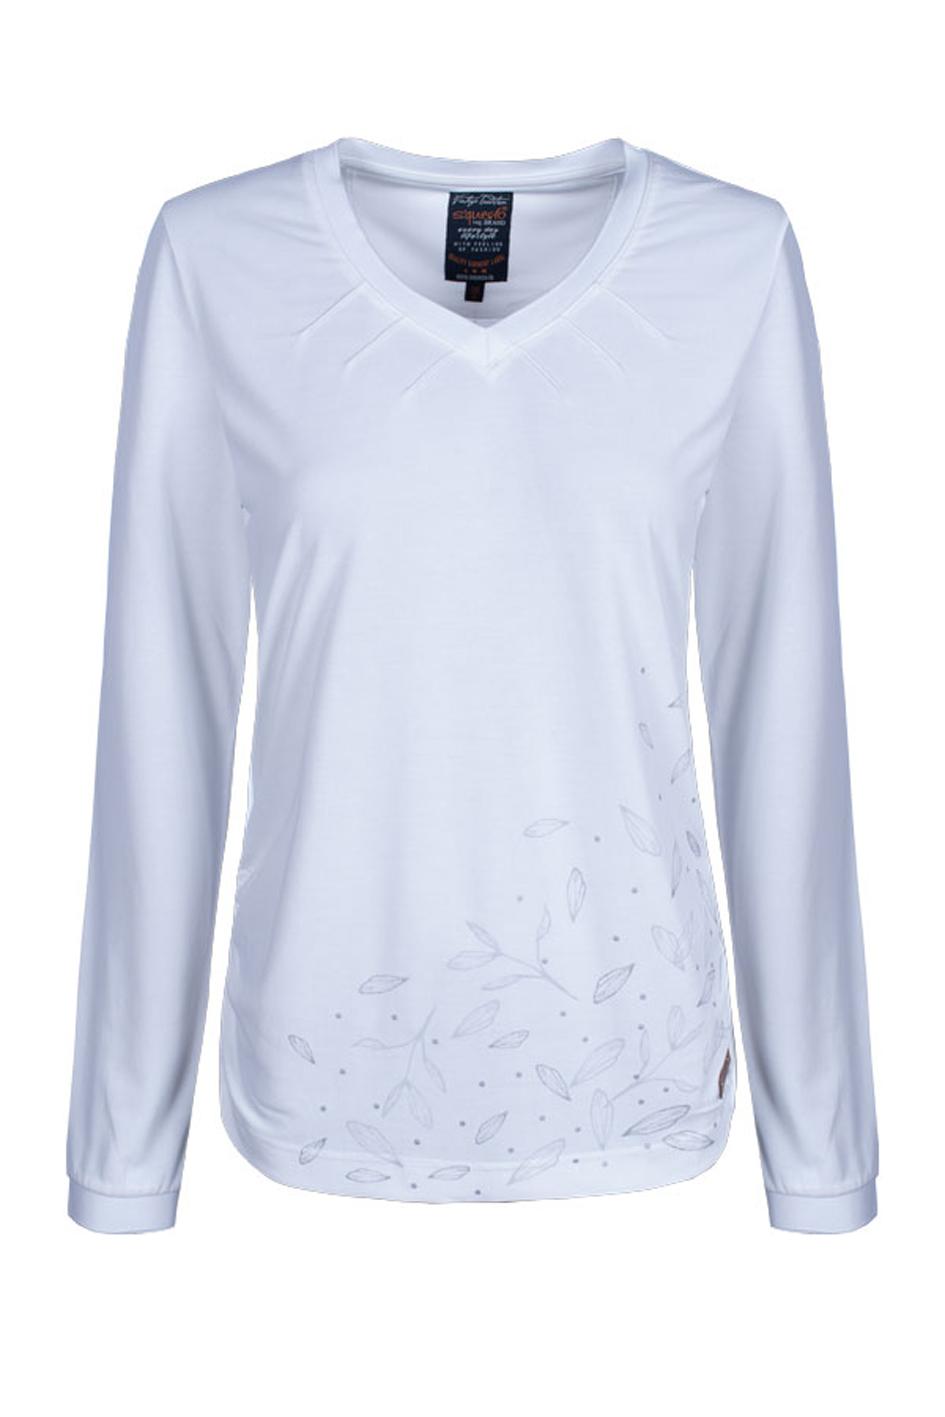 Soquesto Shirt Herena